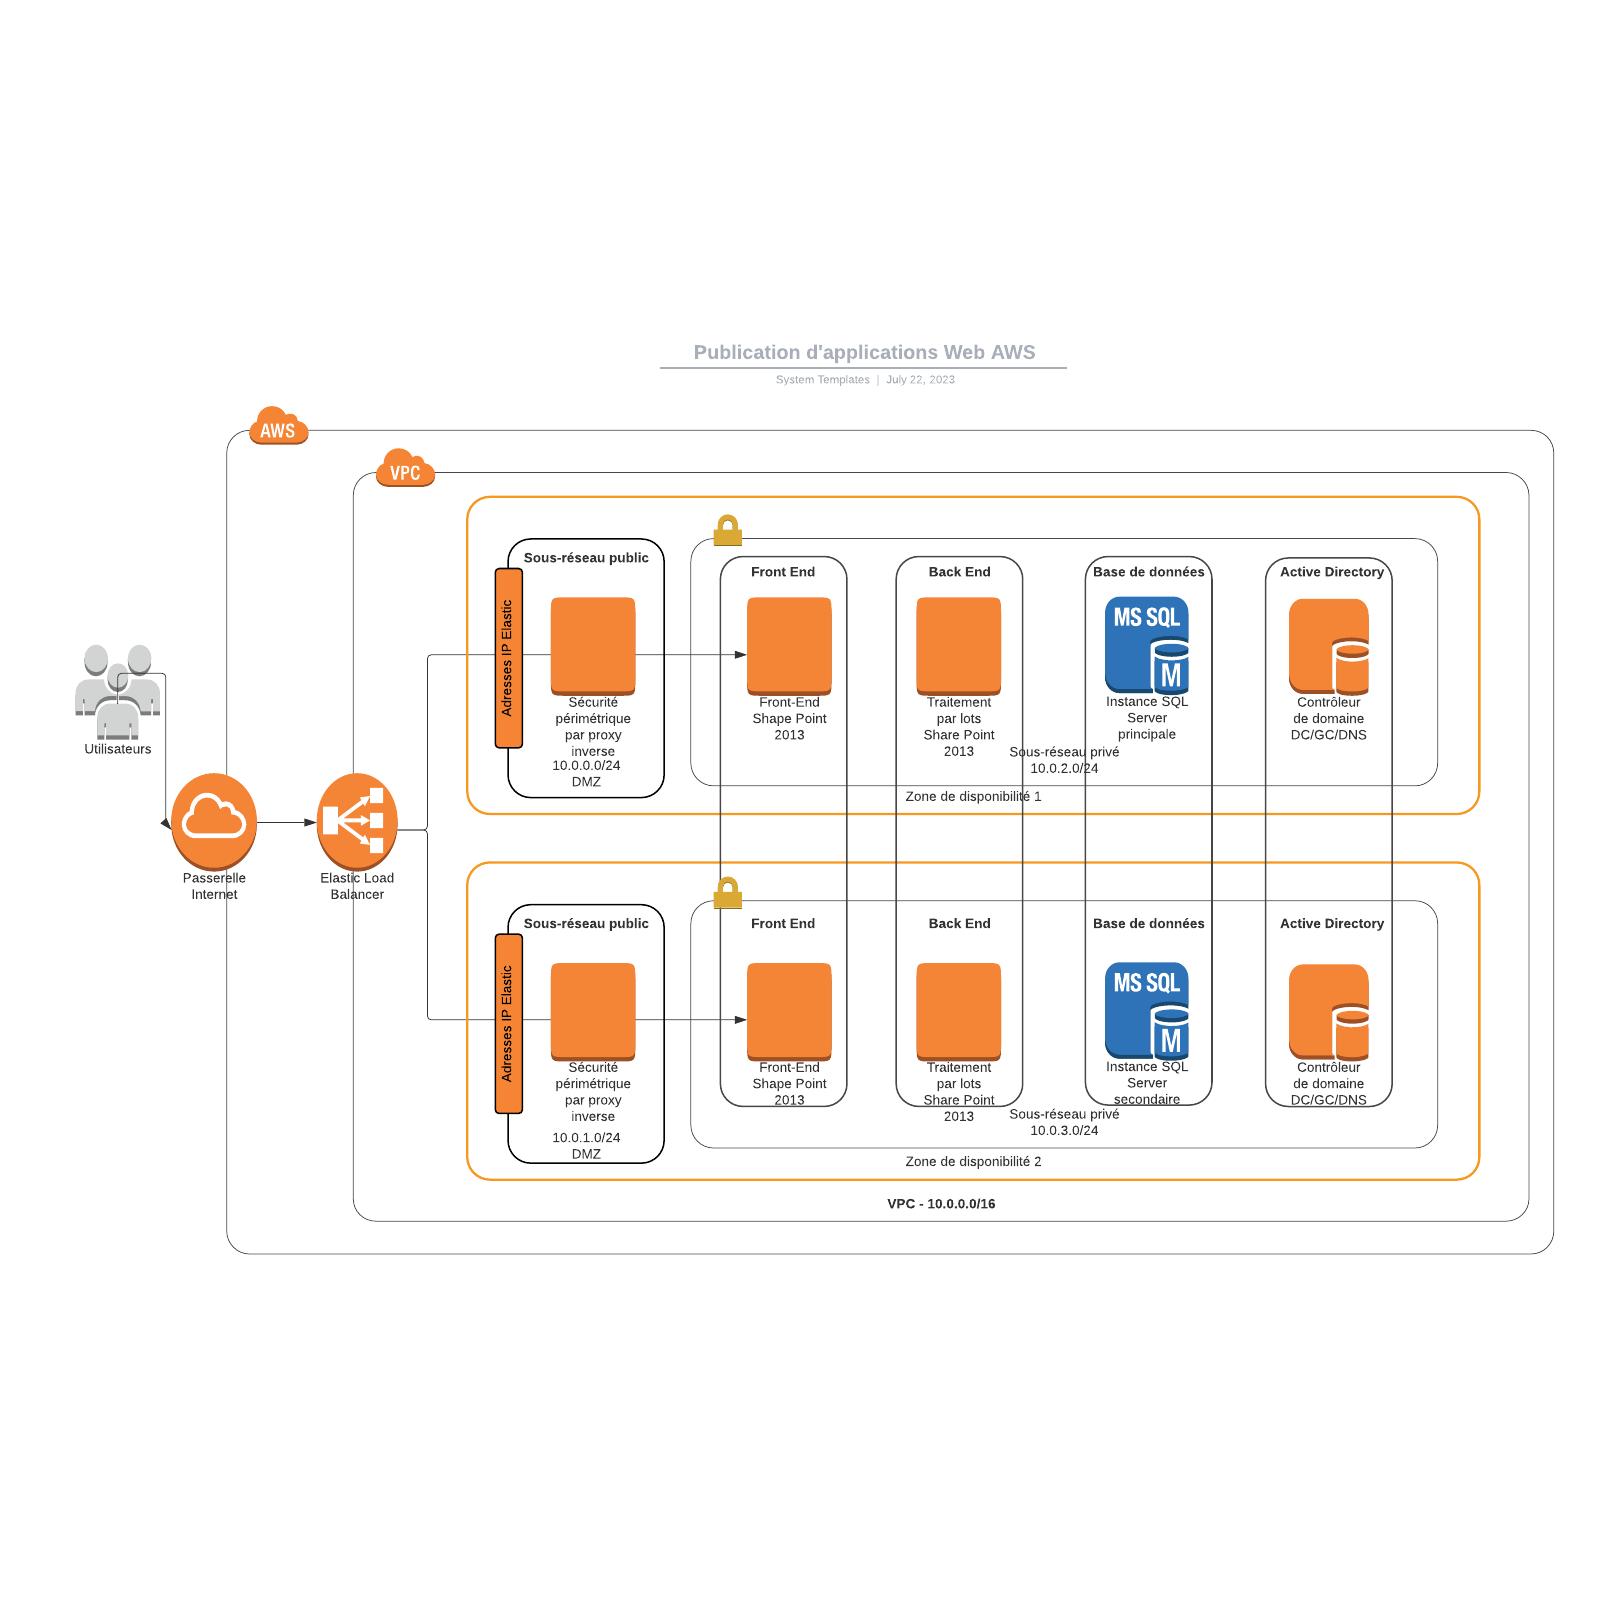 exemple de publication d'applications Web AWS